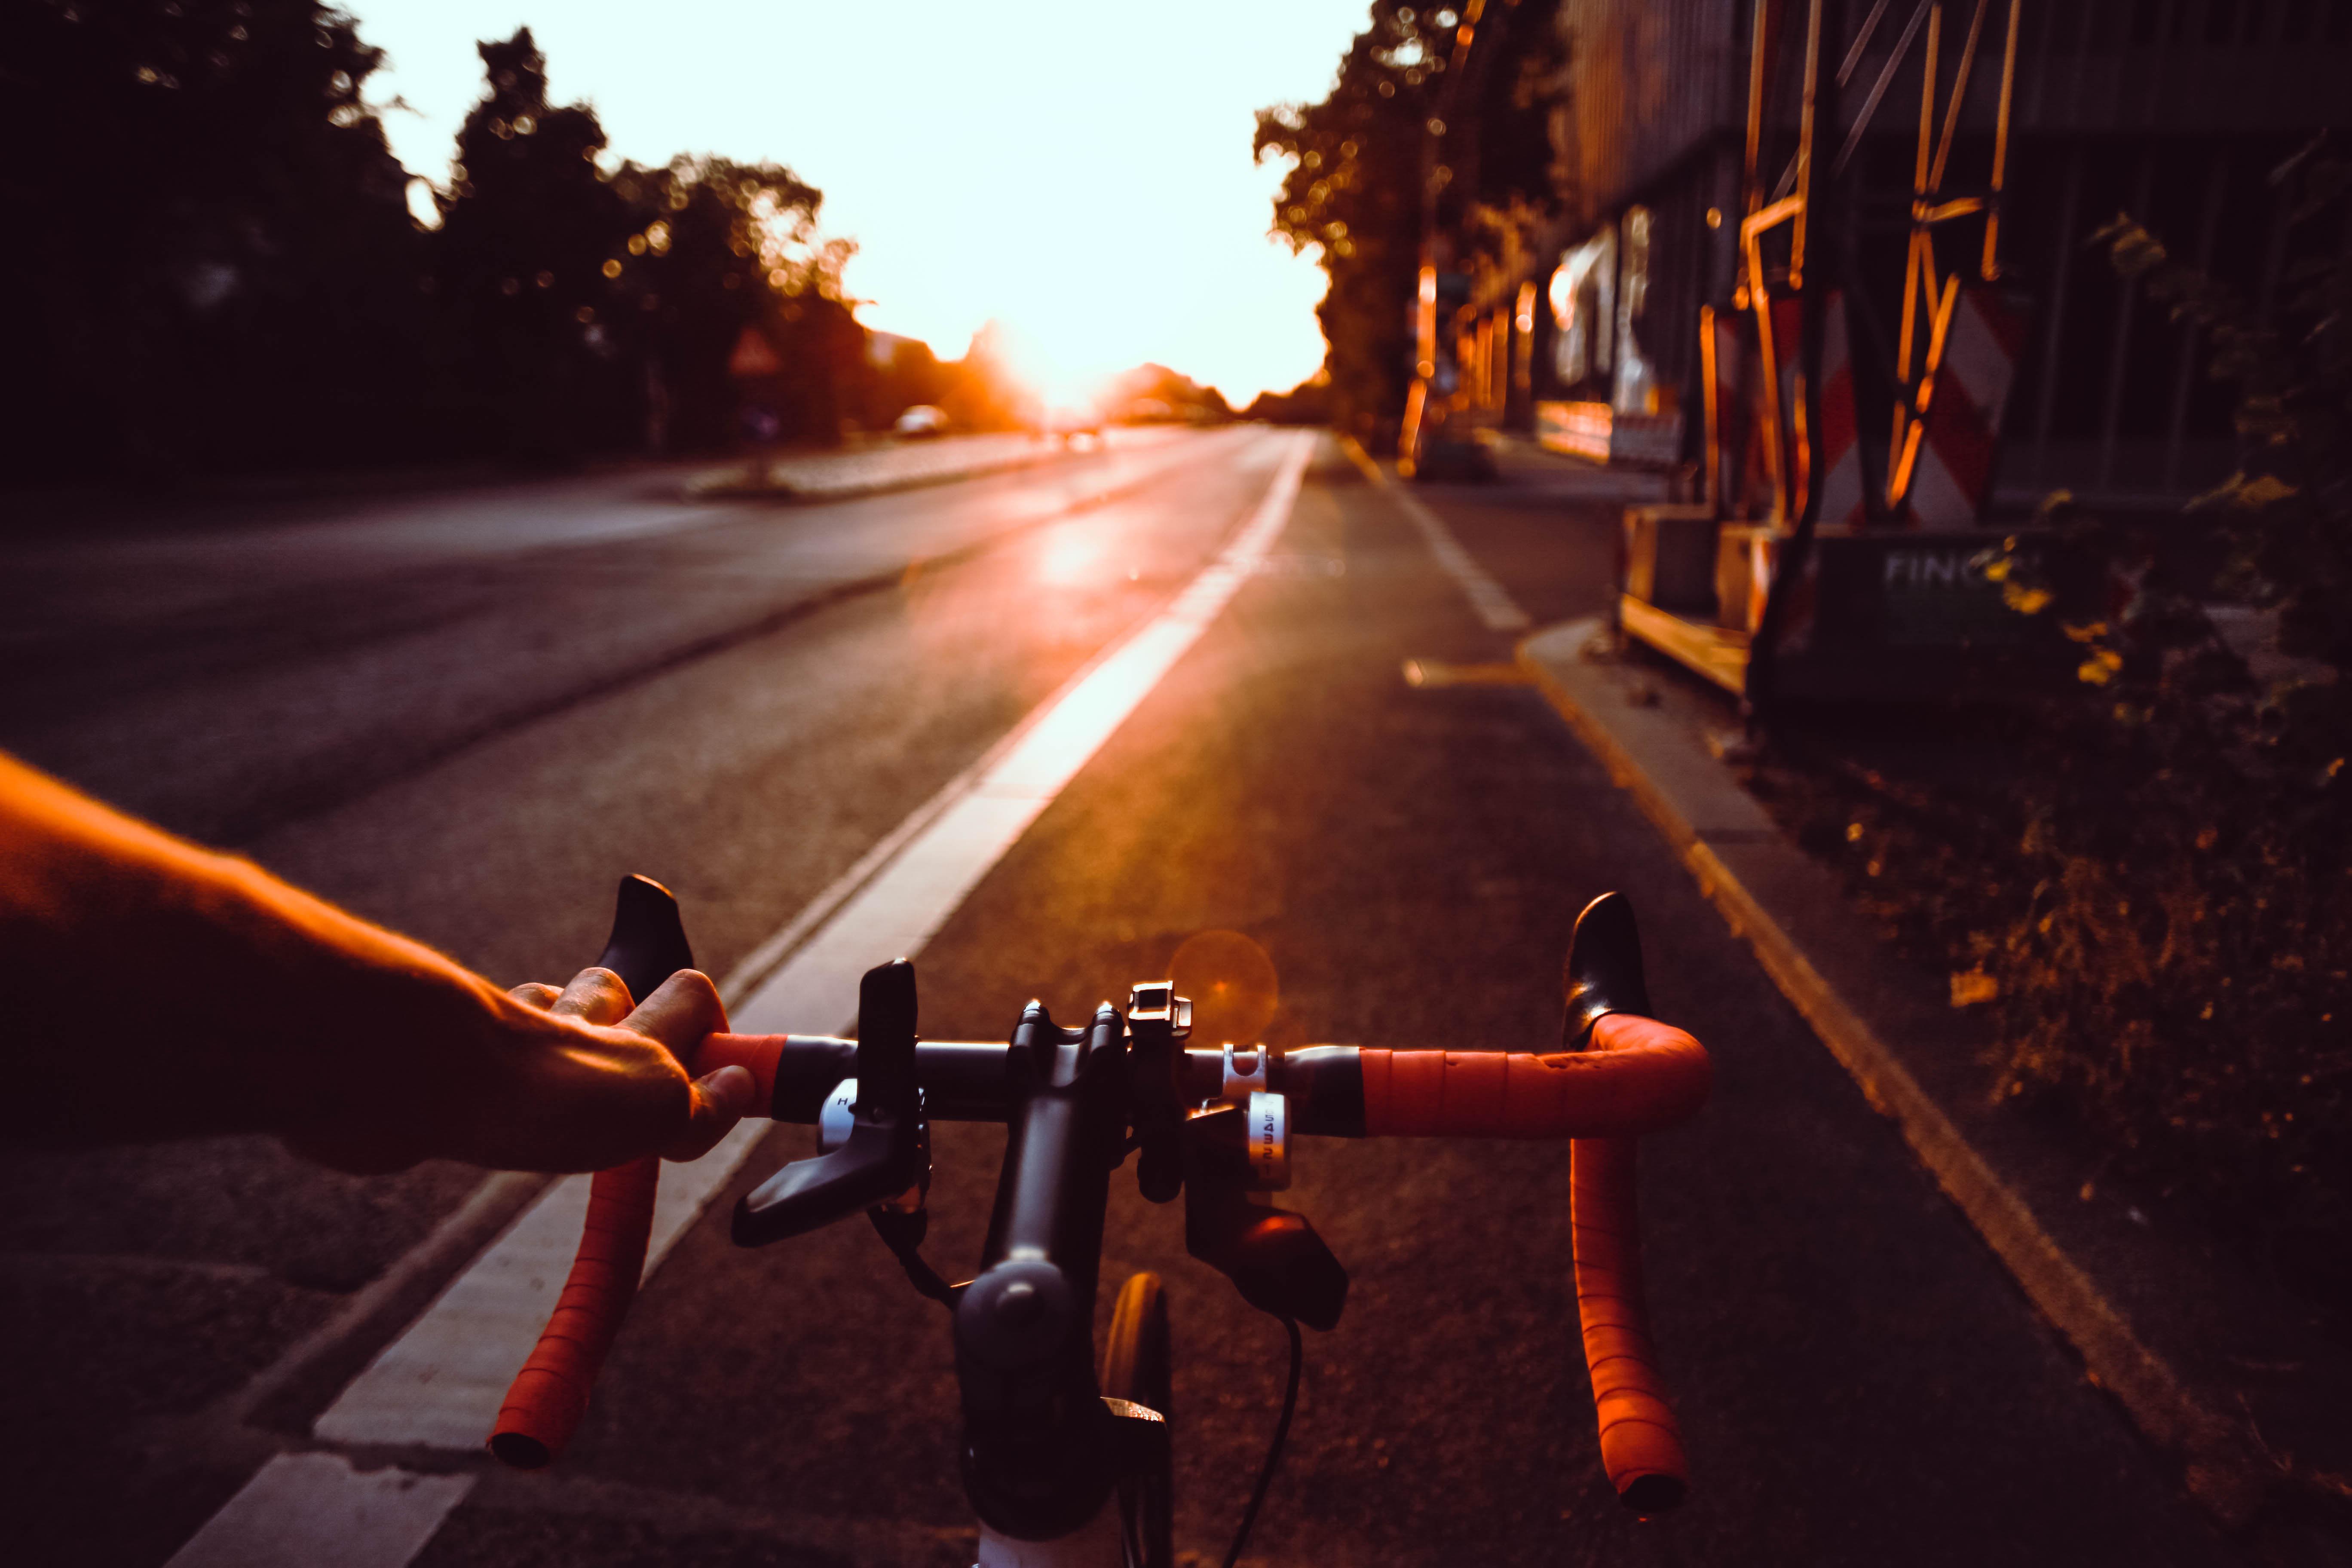 Fahrrad fährt auf der Straße bei Sonnenuntergang